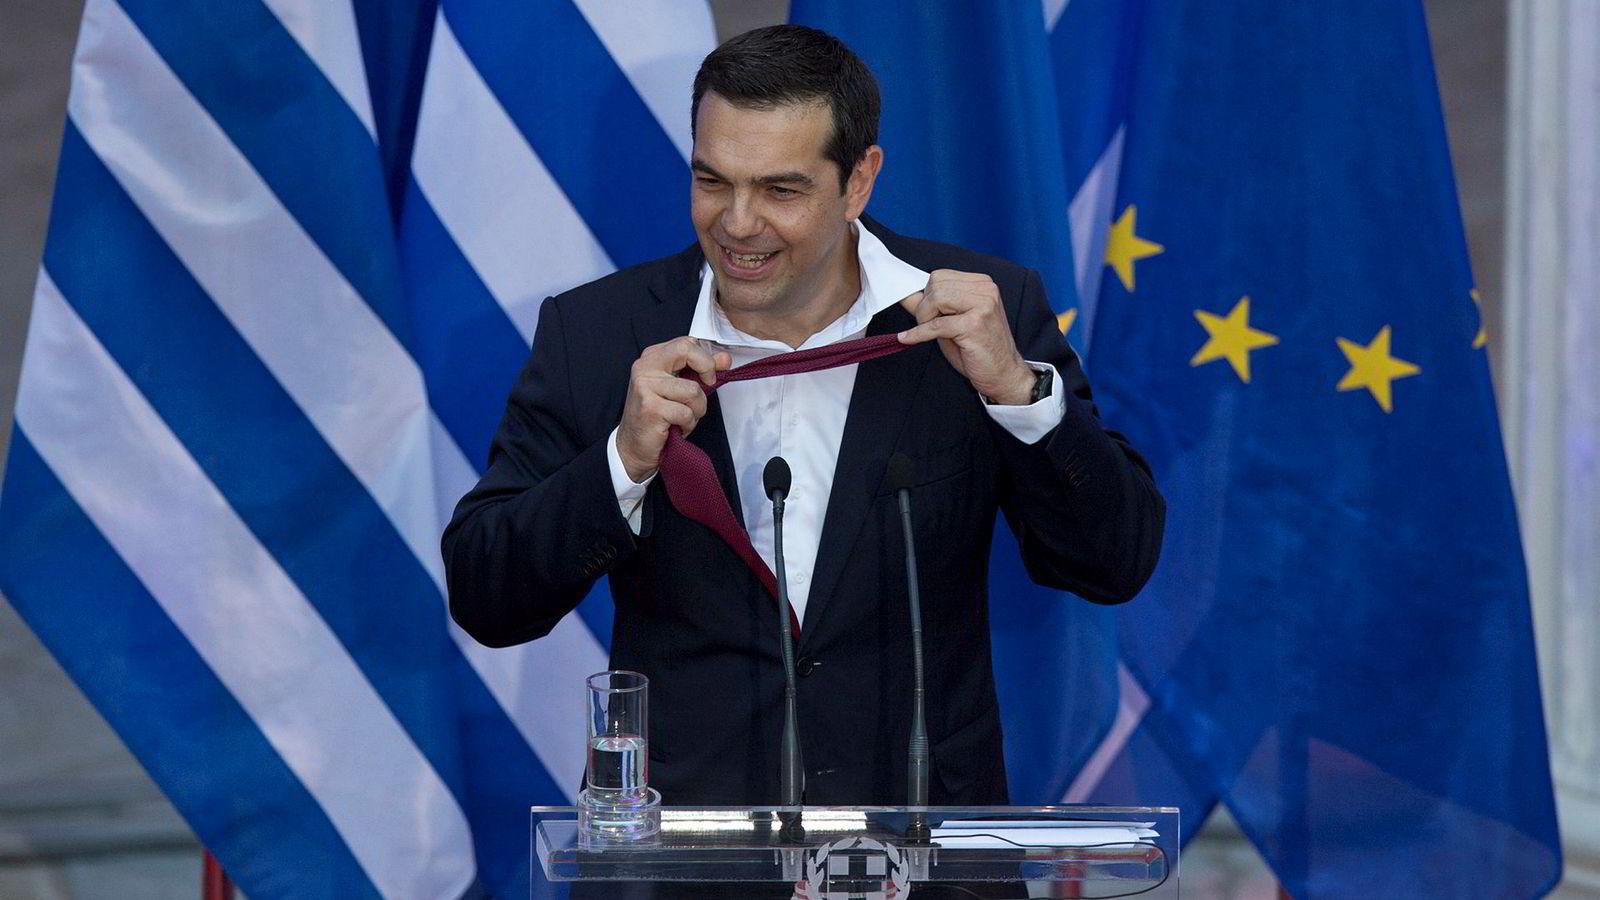 Den greske statsministeren Alexis Tsipras er kjent for å gå uten slips «helt til gjeldsproblemet var løst.» I slutten av juni tok han på seg slips da han kunngjorde avtalen med kreditorene. På slutten av talen tok han det av igjen.